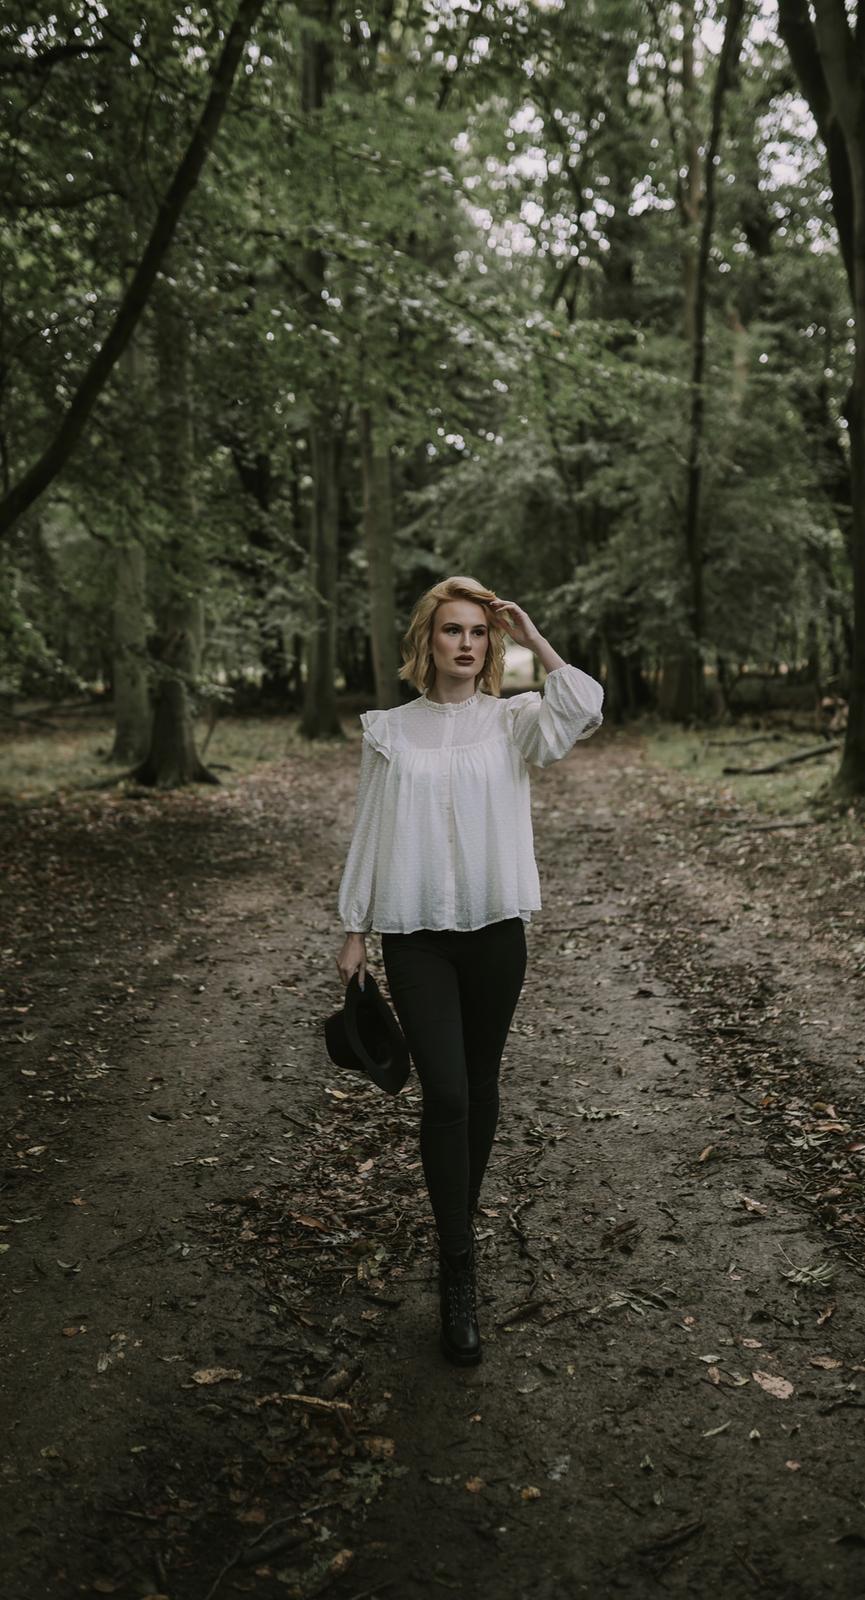 step into autumn / Model Summer Ellen / Uploaded 2nd October 2020 @ 02:05 PM